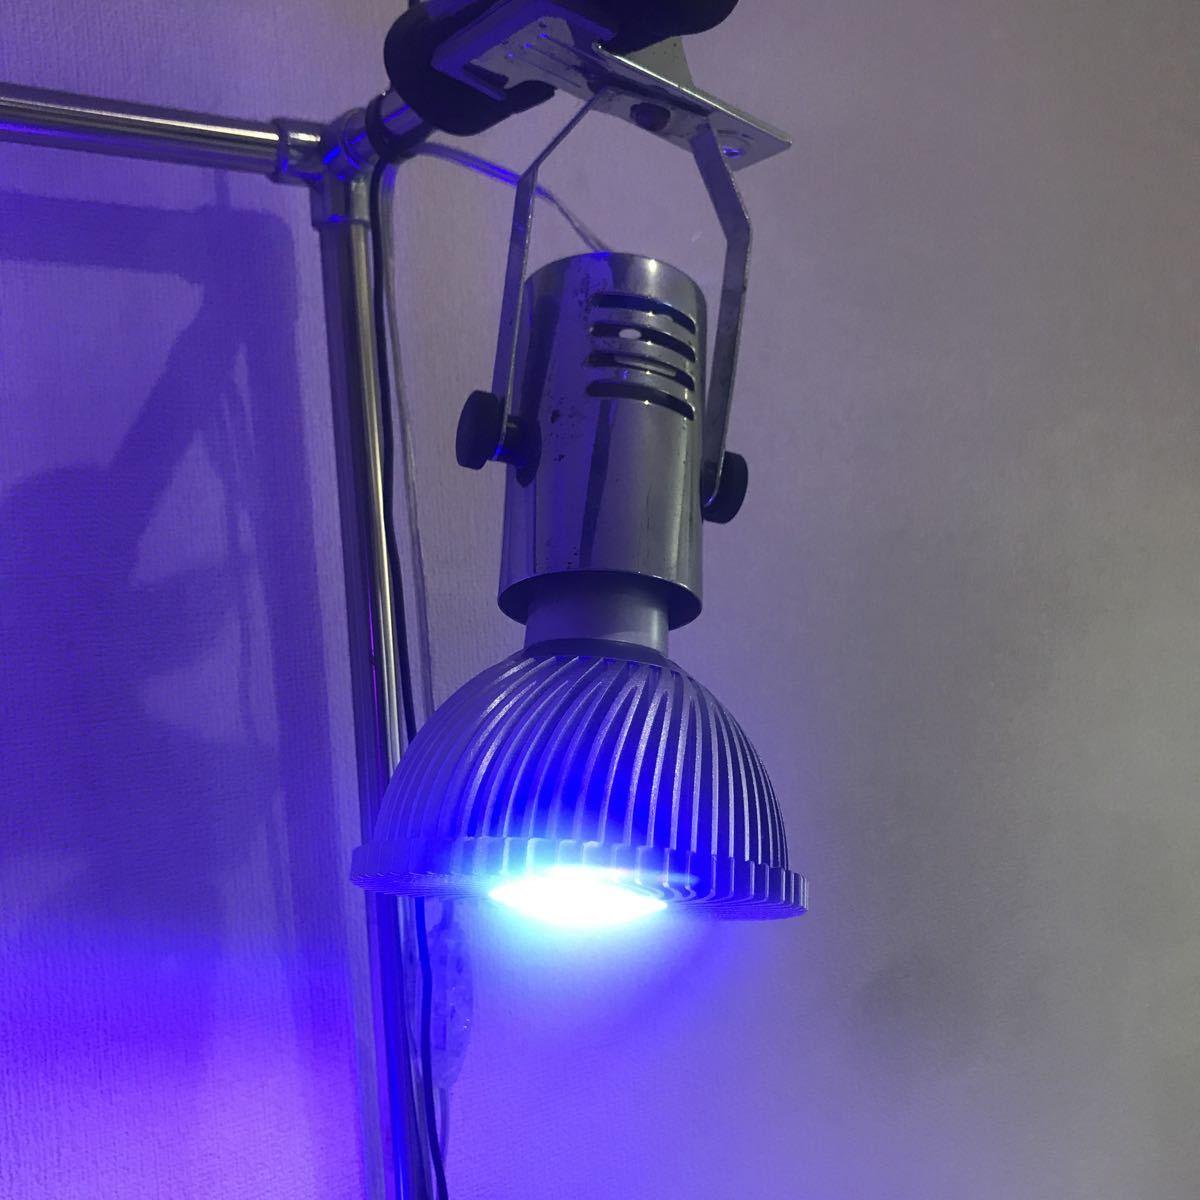 ボルクスジャパン GrassyLeDio(グラッシーレディオ)27 Reef Purple 9×3Wとメーカー不明LEDライト(ブルー)×2個_画像2